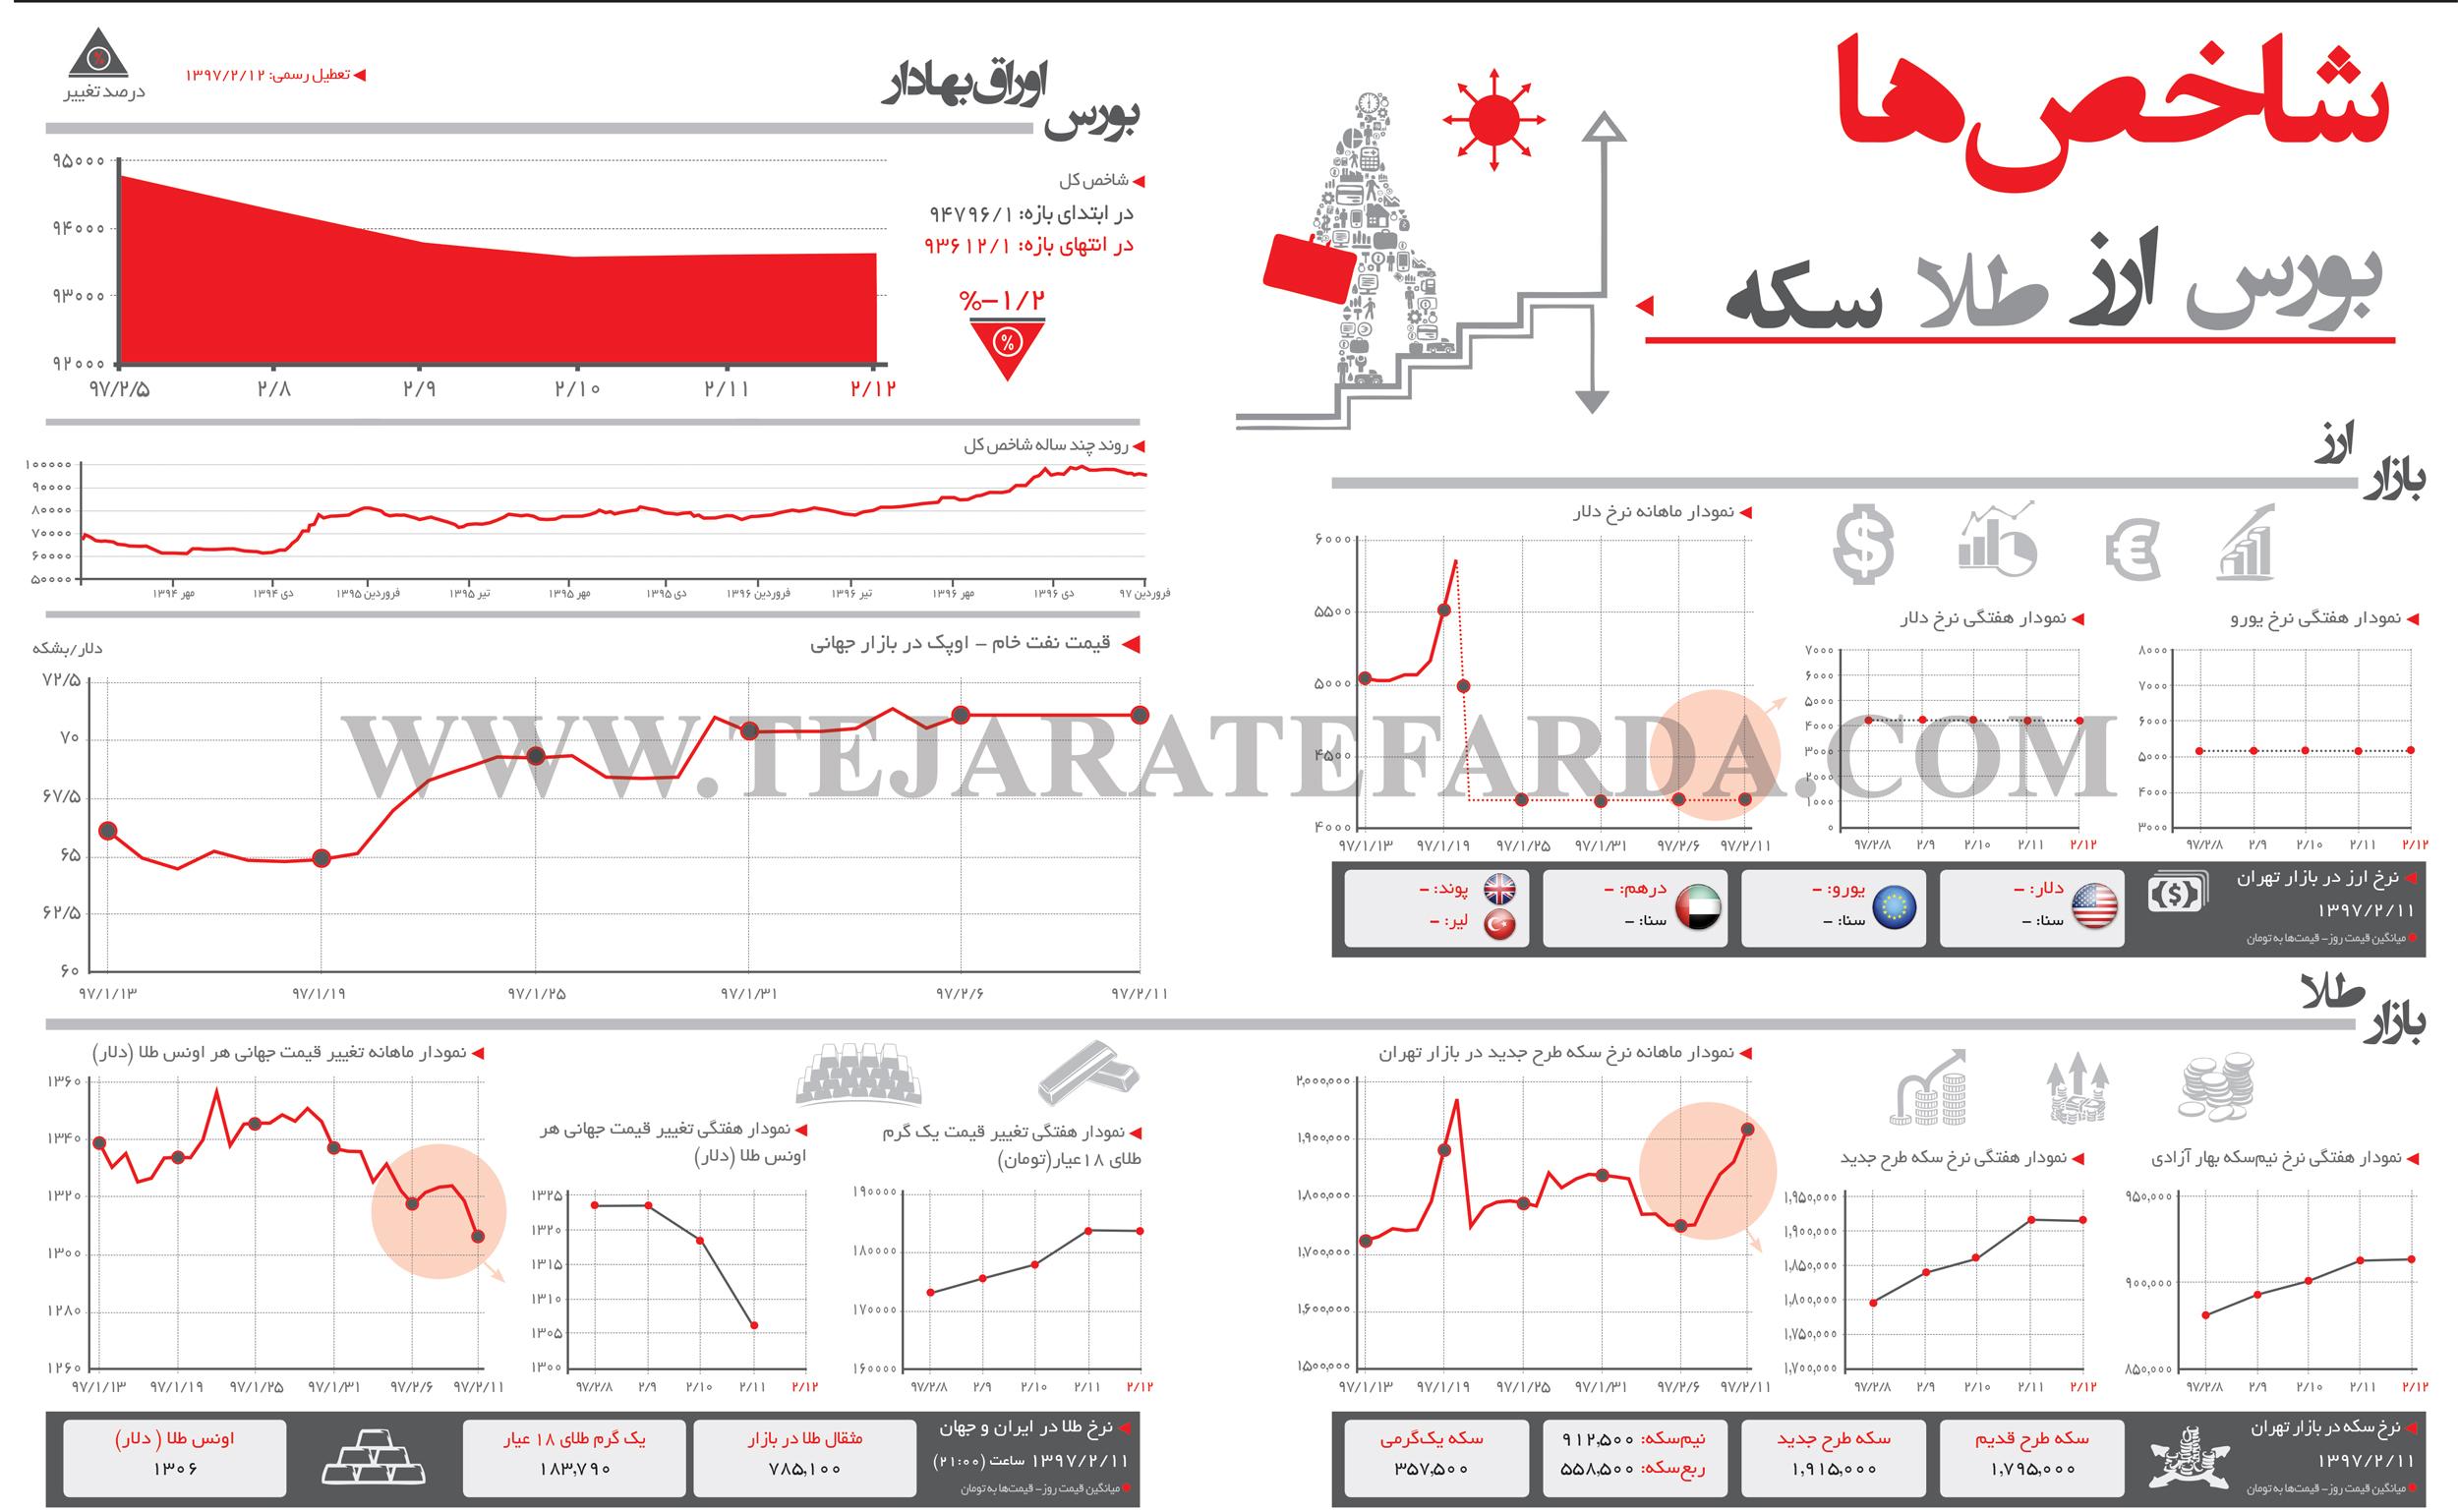 تجارت فردا- اینفوگرافیک- شاخصهای اقتصادی (267)